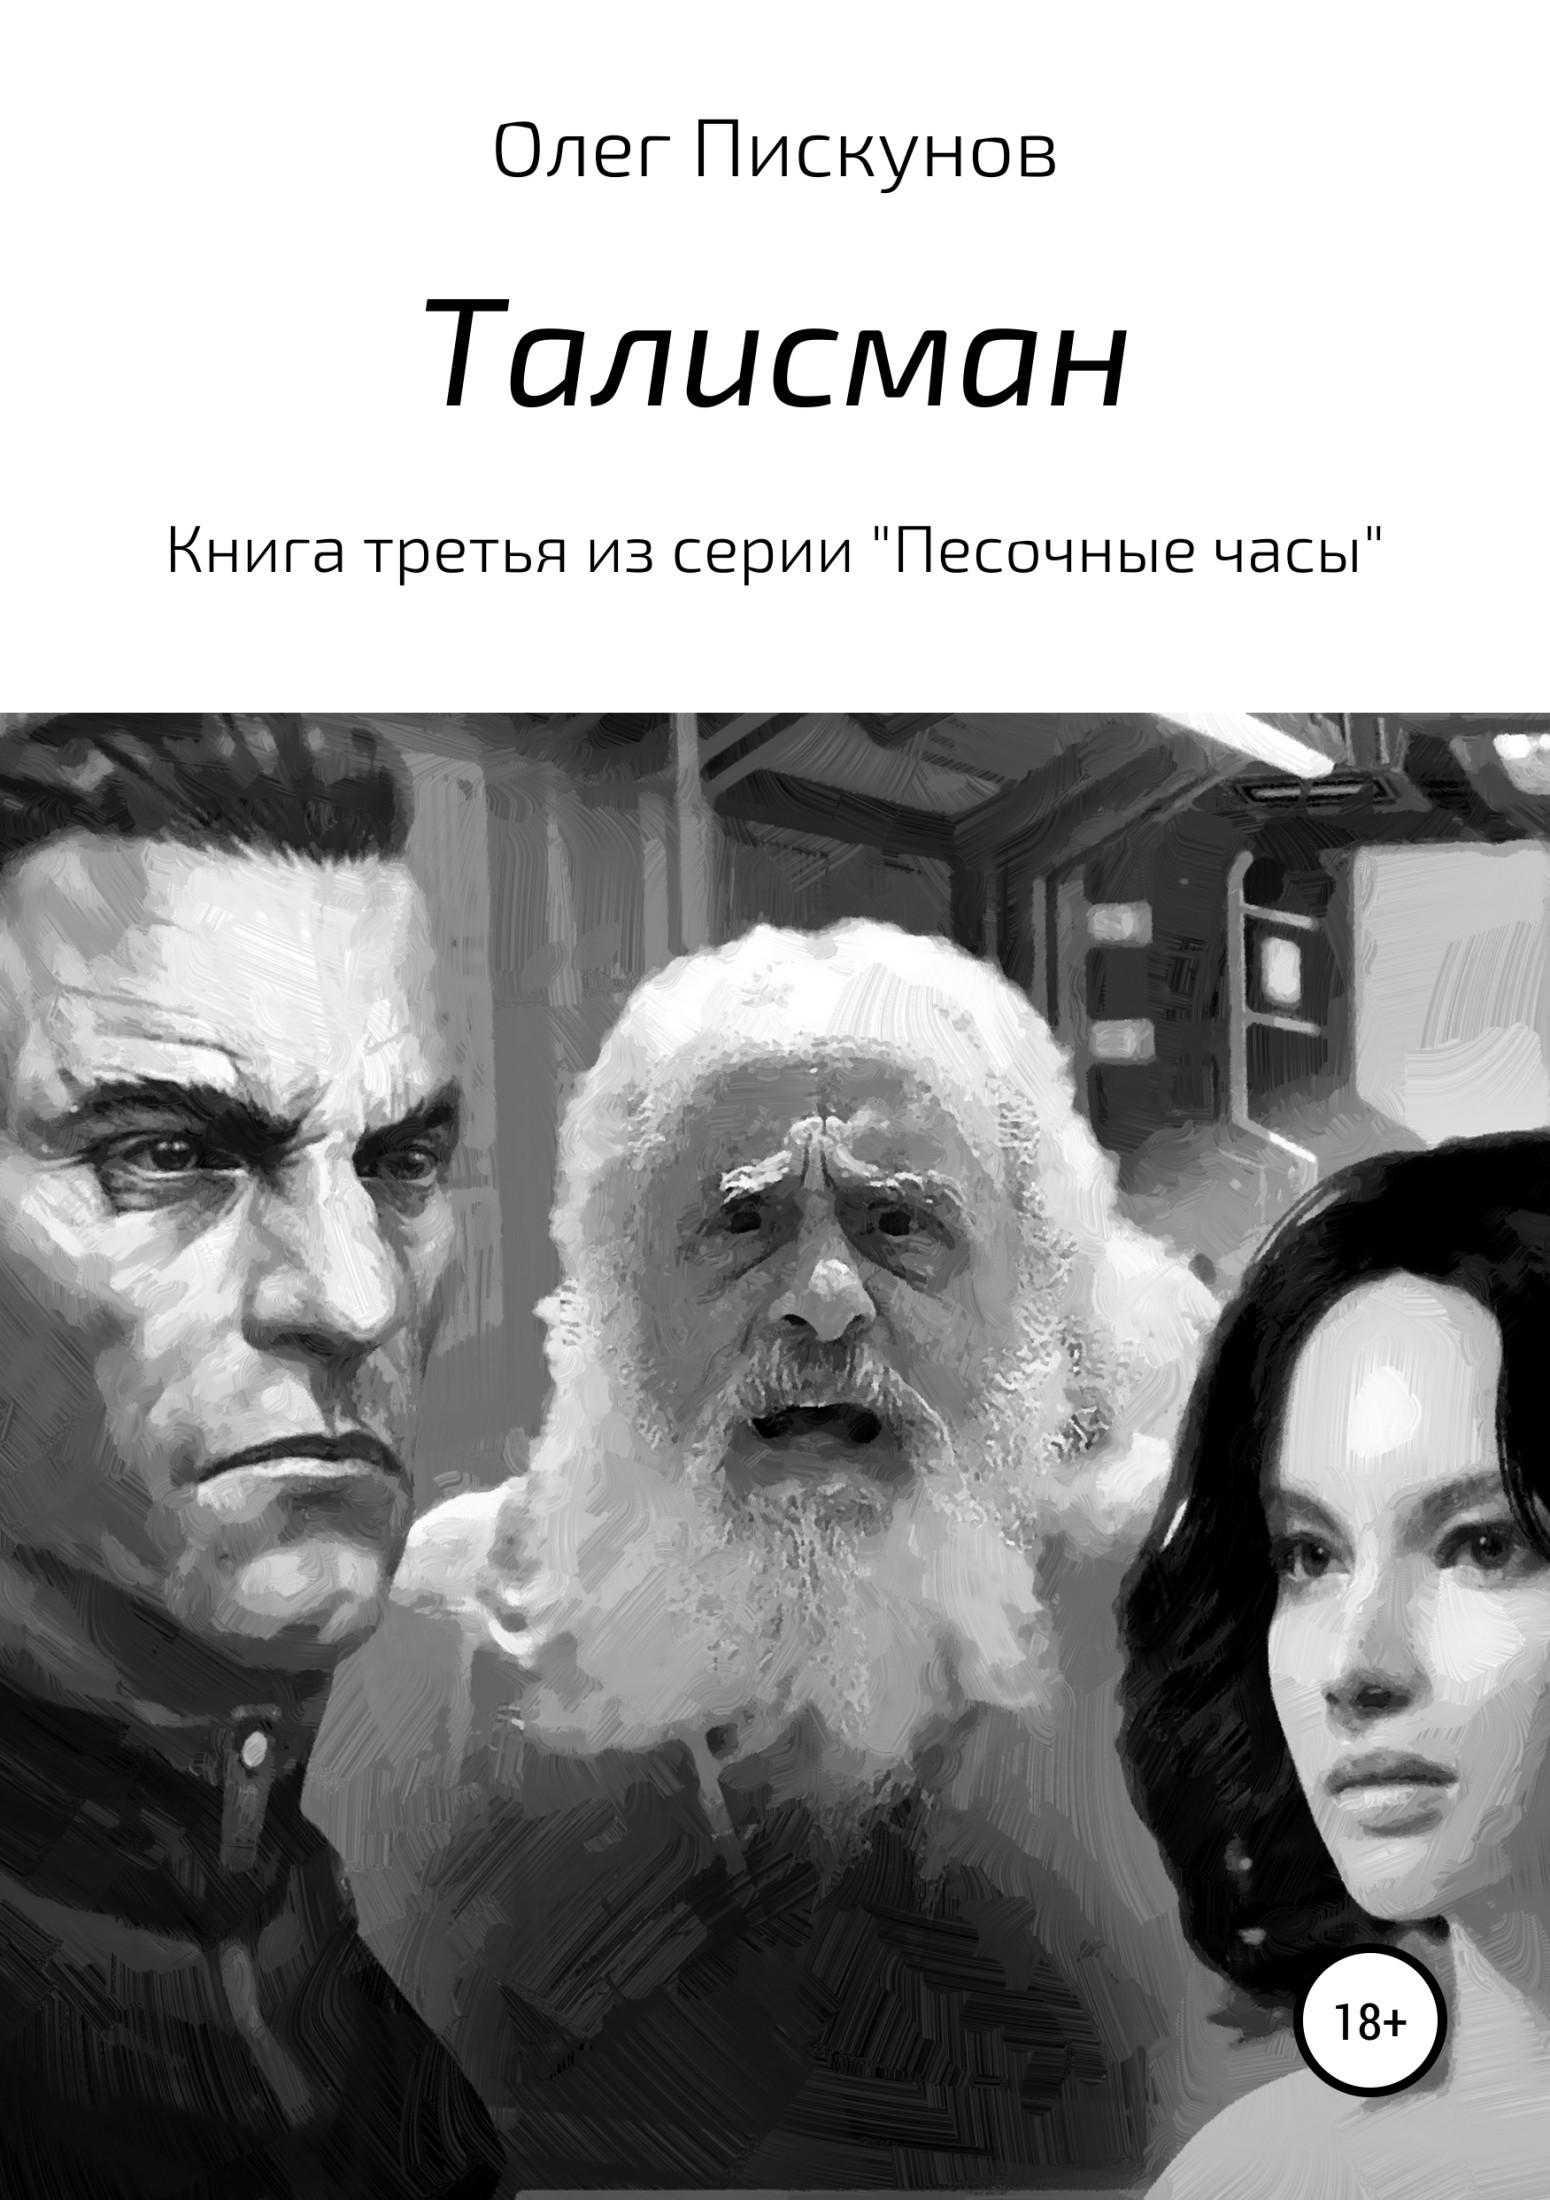 Олег Пискунов - Талисман